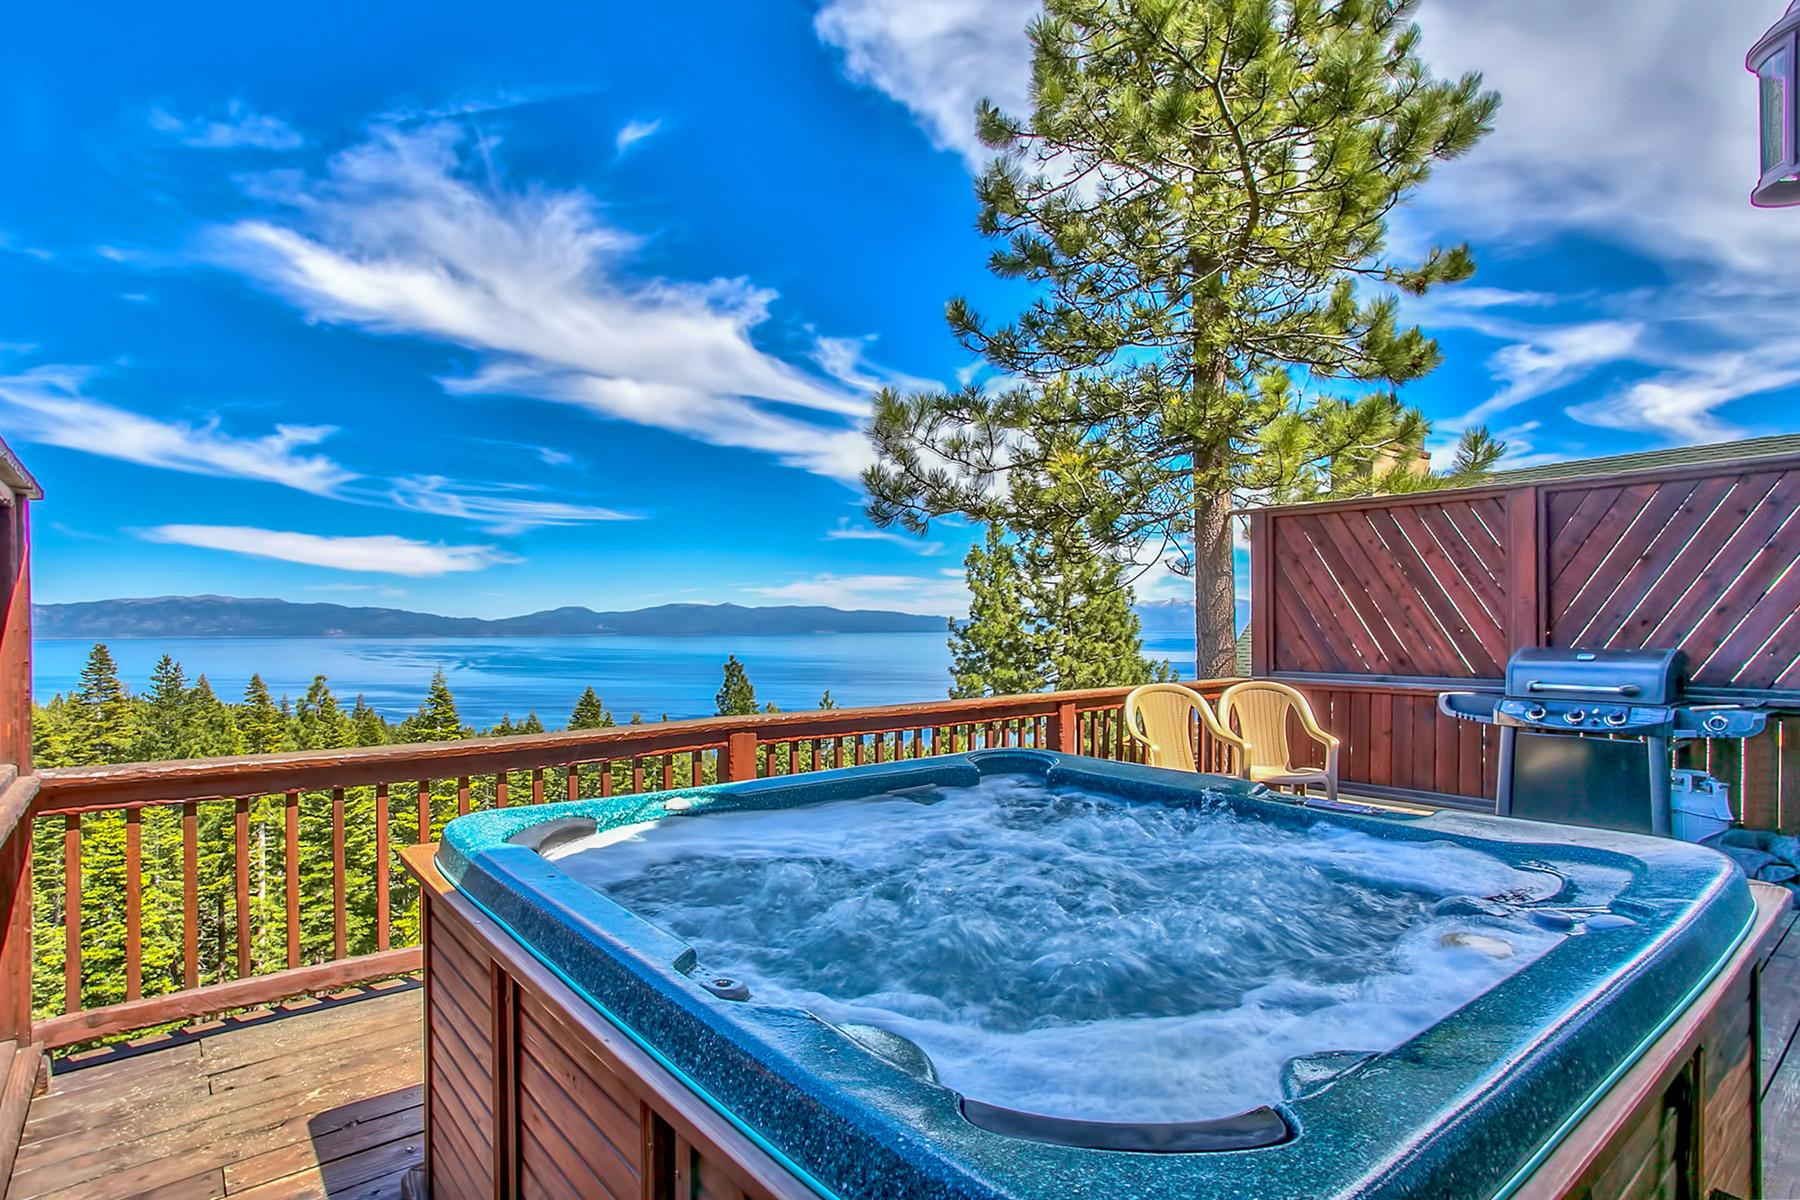 Частный односемейный дом для того Продажа на 1142 Clearview Court, Tahoe City, California 96145 Tahoe City, Калифорния 96145 Соединенные Штаты